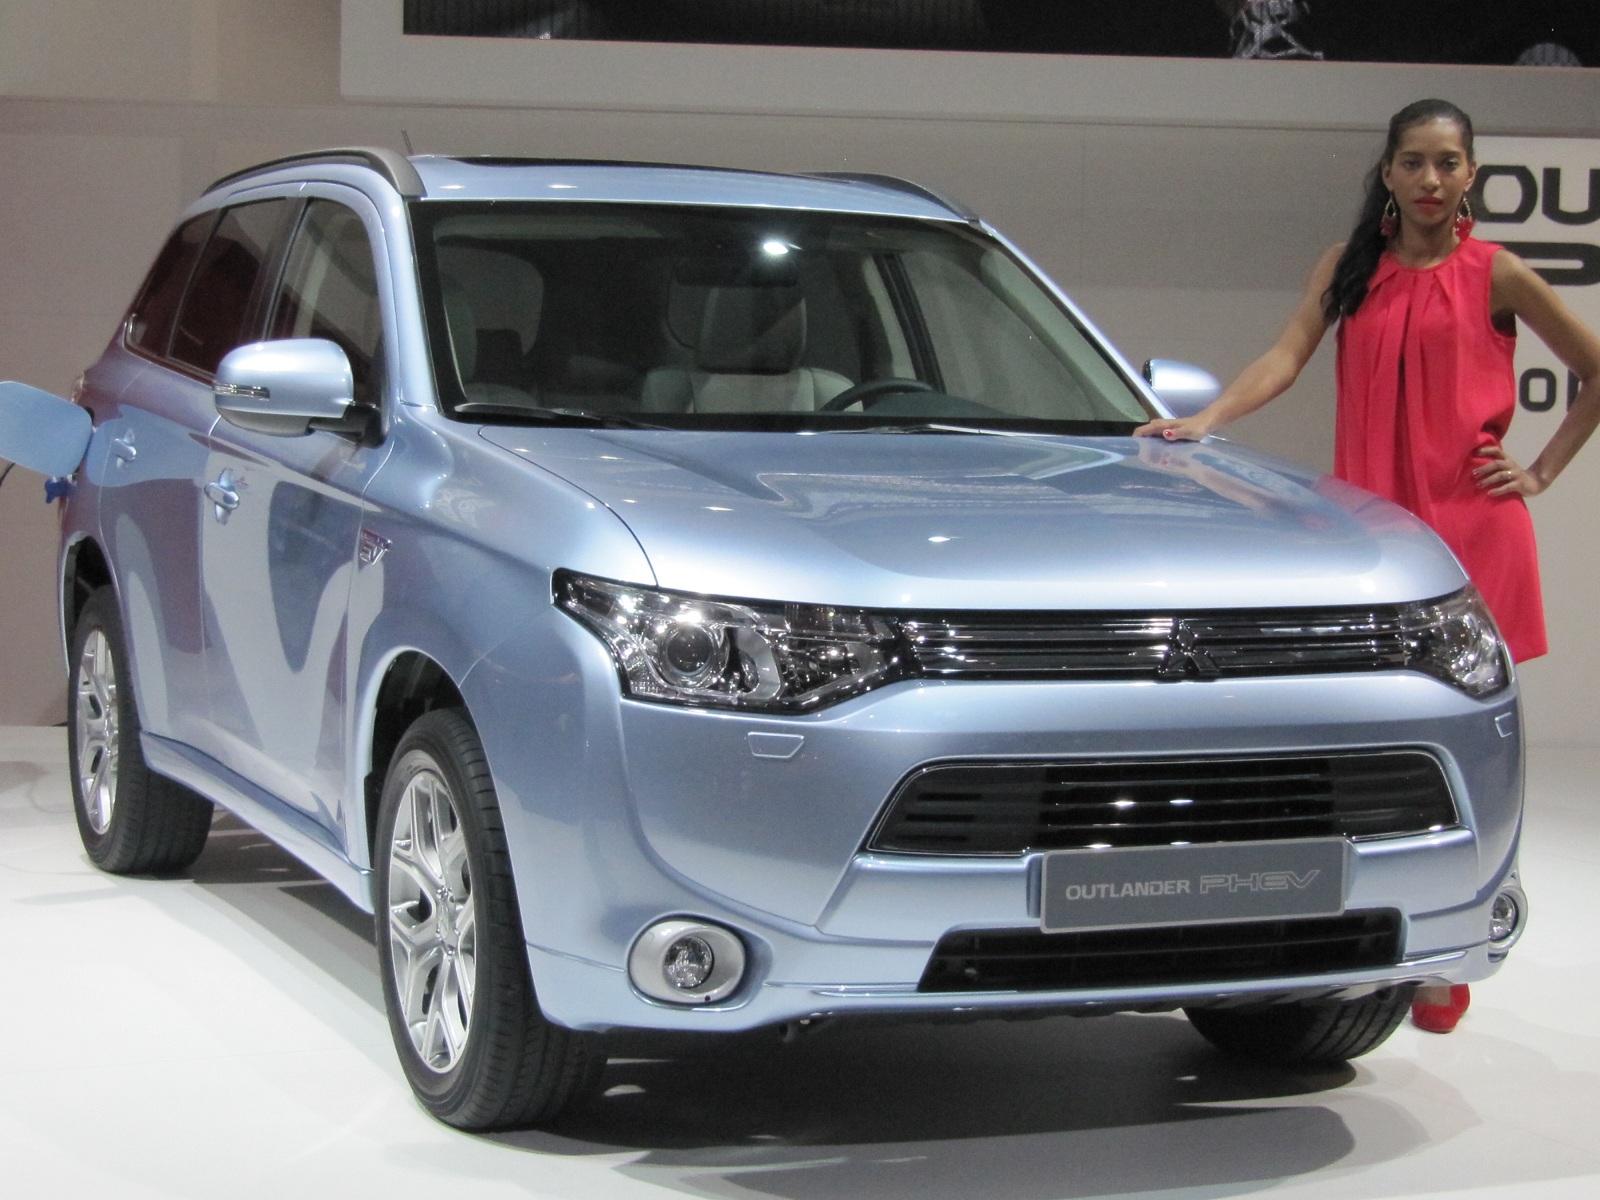 2013 Mitsubishi Outlander Plug-in Hybrid Gallery: 2012 ...